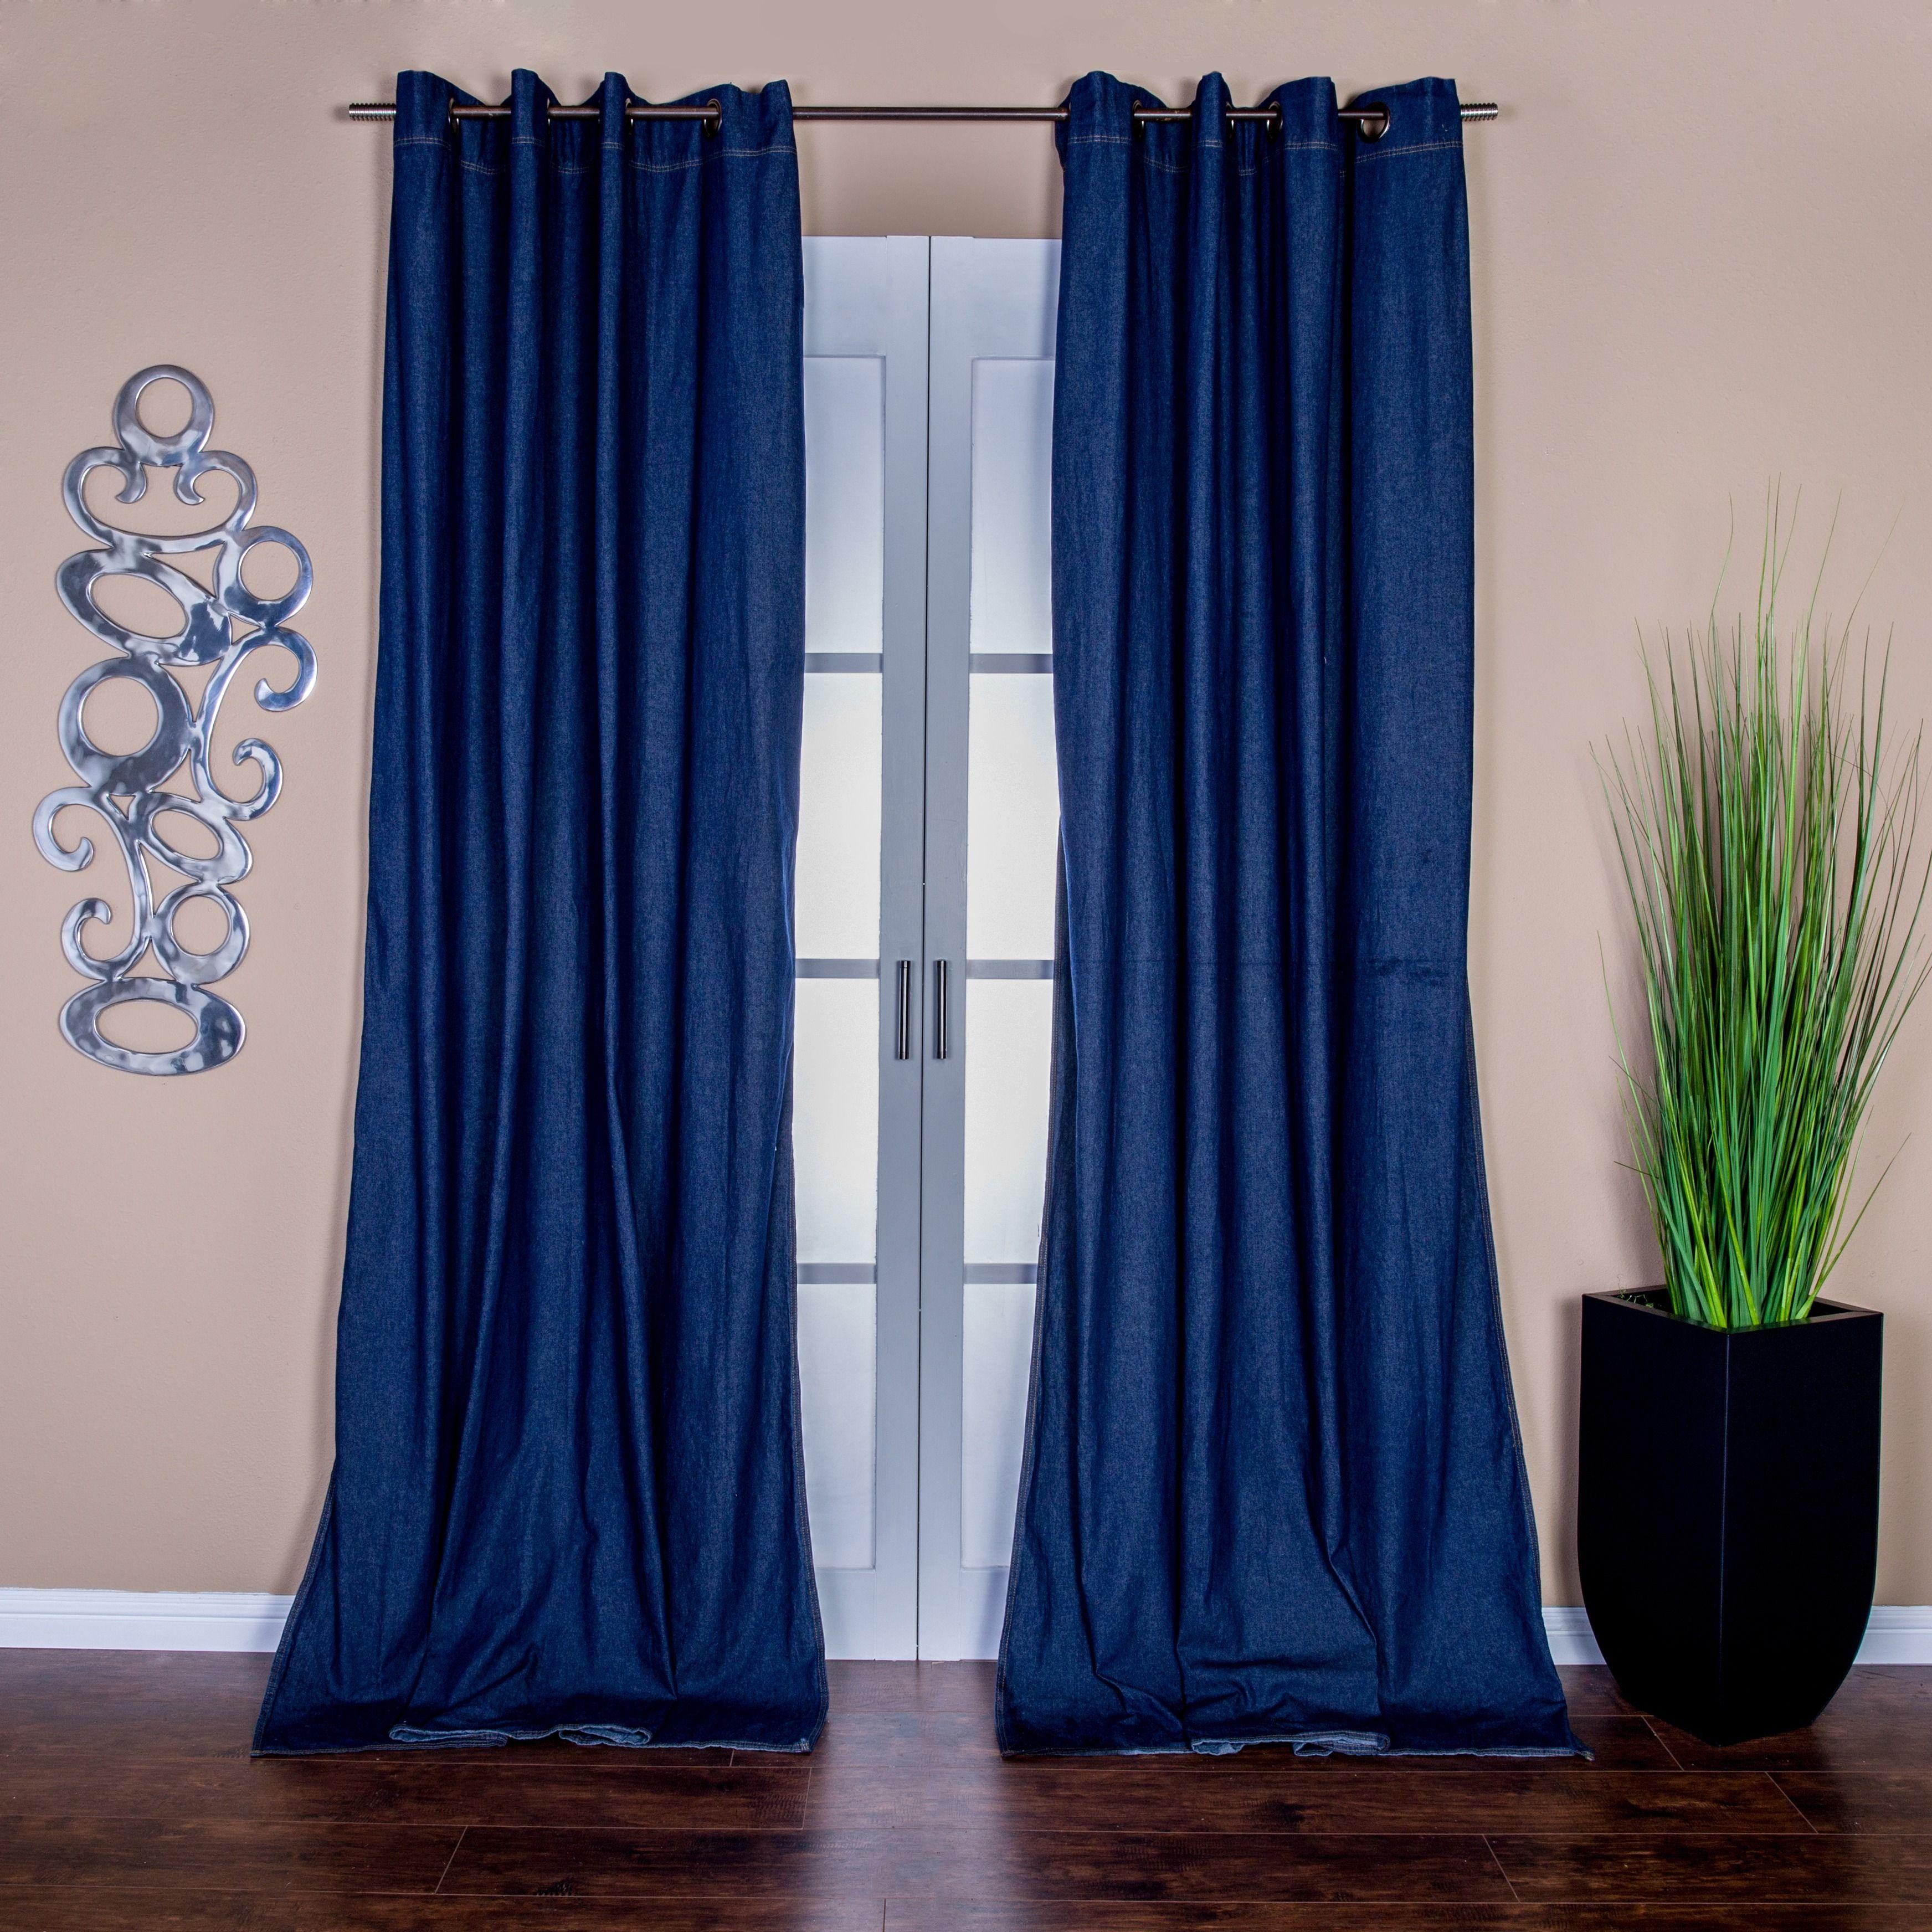 рядах окно с длинными синими шторами фото груз несколько